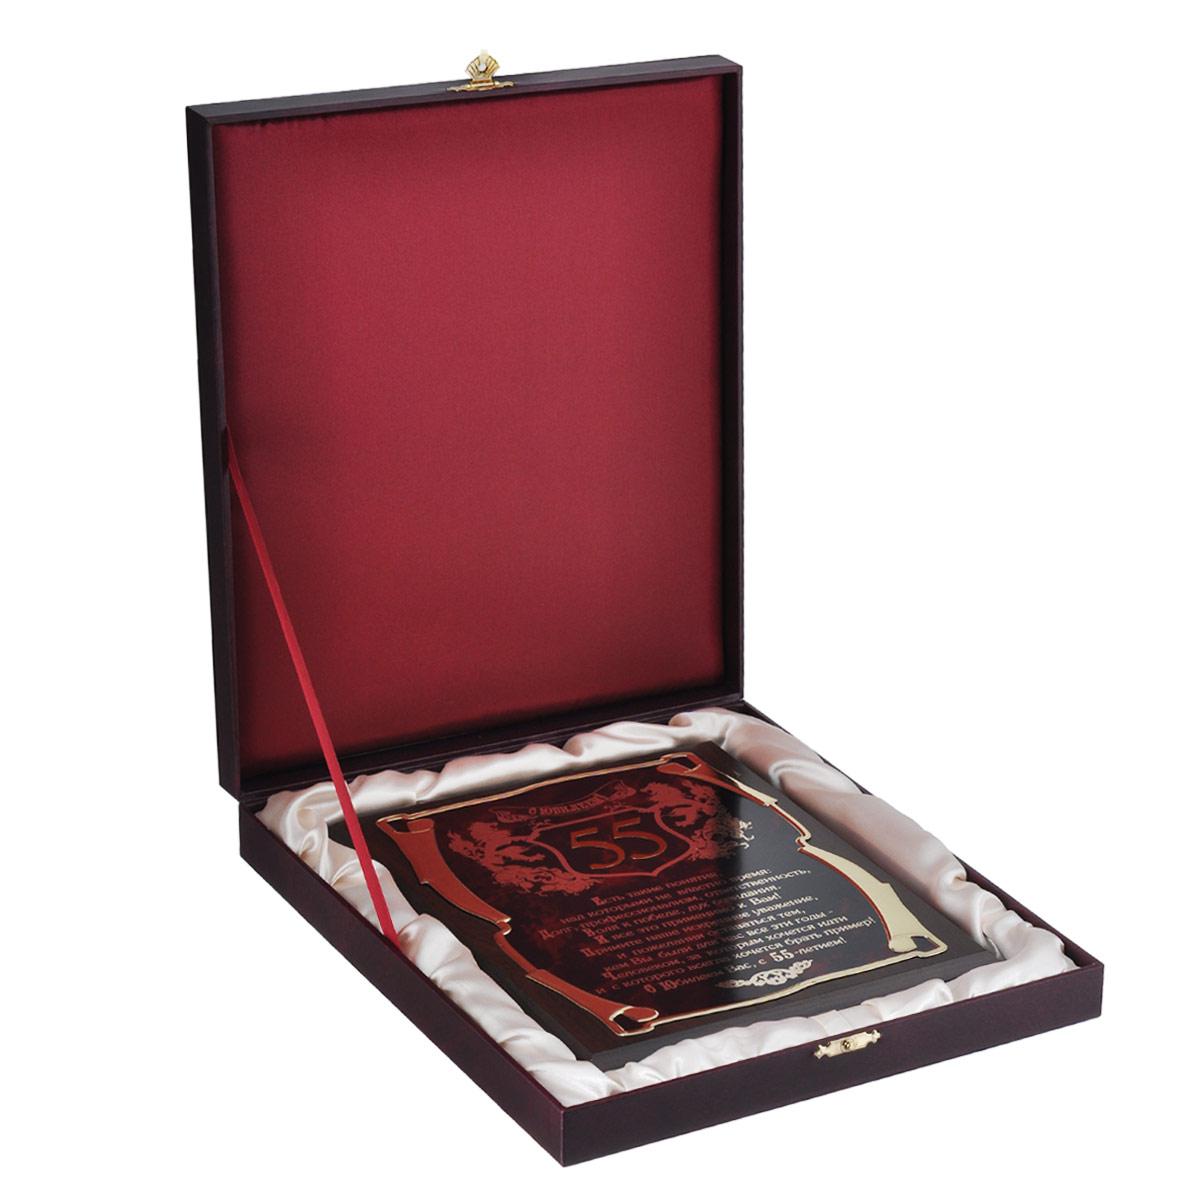 Панно С юбилеем 55 лет!, 20,5 х 25,5 см41619Панно С юбилеем 55 лет! - замечательный сувенир и прекрасный элемент декора. Прямоугольное основание изделия выполнено из МДФ темно-коричневого цвета. По контуру изделие оформлено металлической пластиной из латунированной стали. На панно присутствует надпись С юбилеем! 55. Ниже расположено поздравление. С оборотной стороны имеются отверстия для размещения на стене. Панно упаковано в изысканную подарочную коробку, закрывающуюся на замочек. Внутренняя поверхность коробки задрапирована атласной тканью.